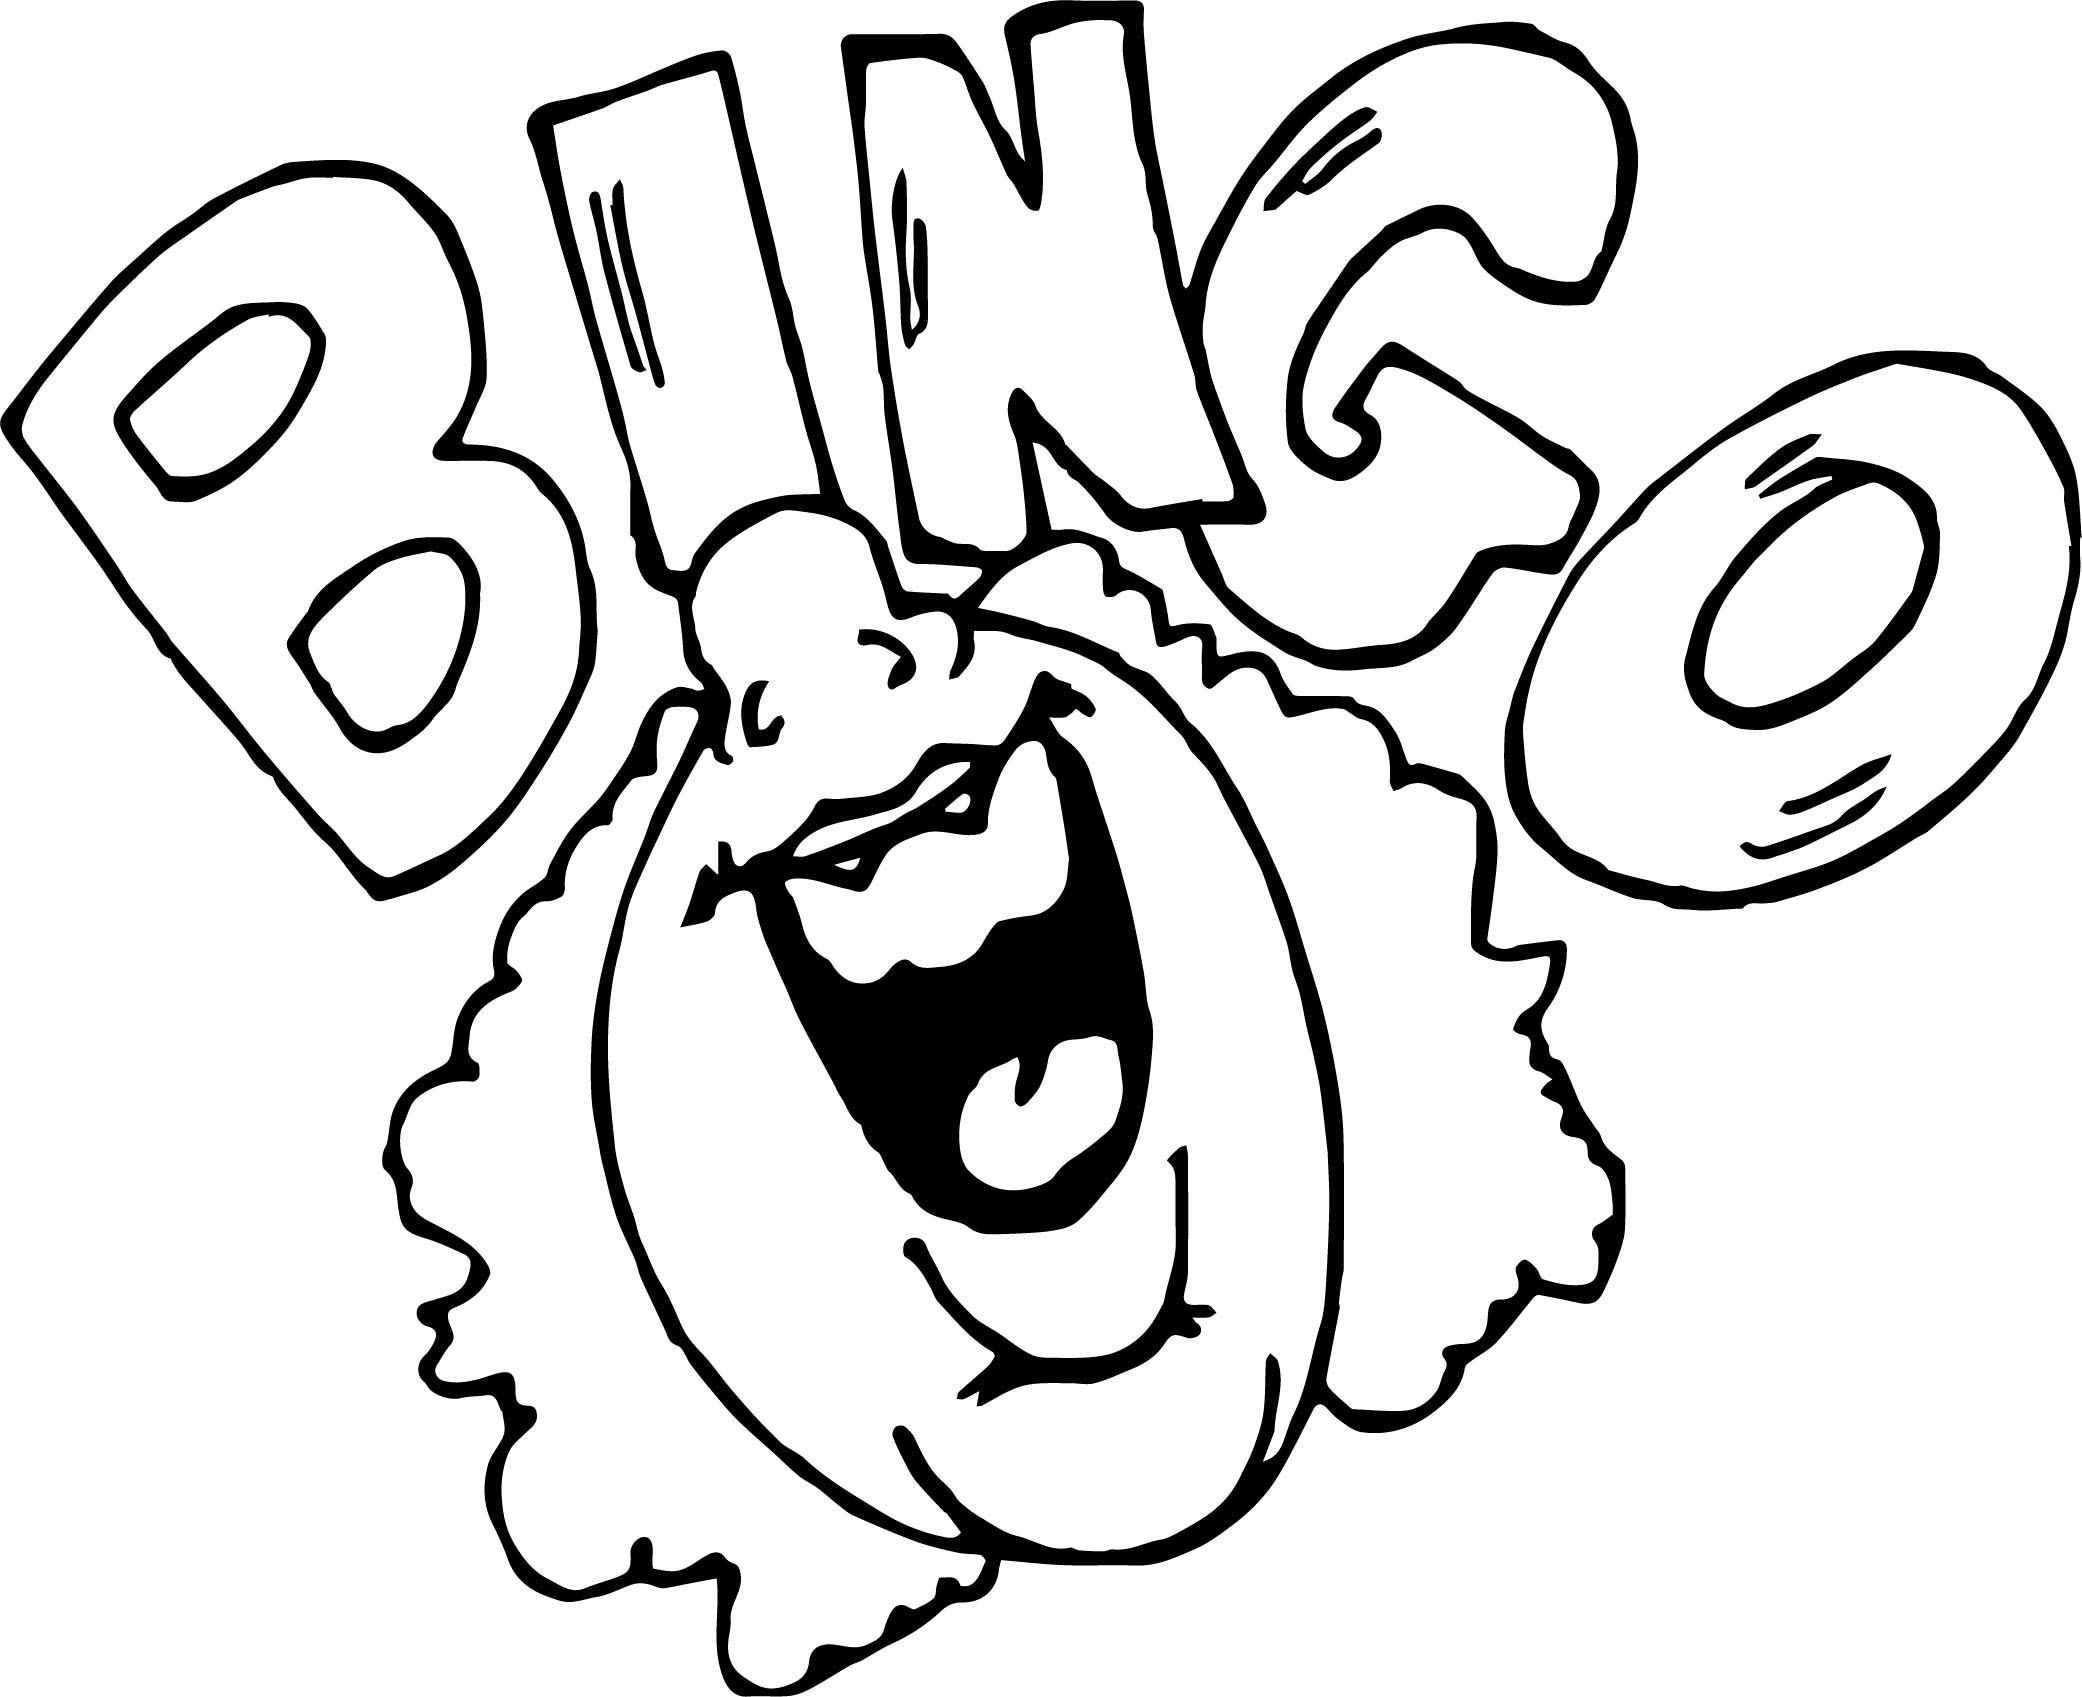 Bingo Activity Coloring Page